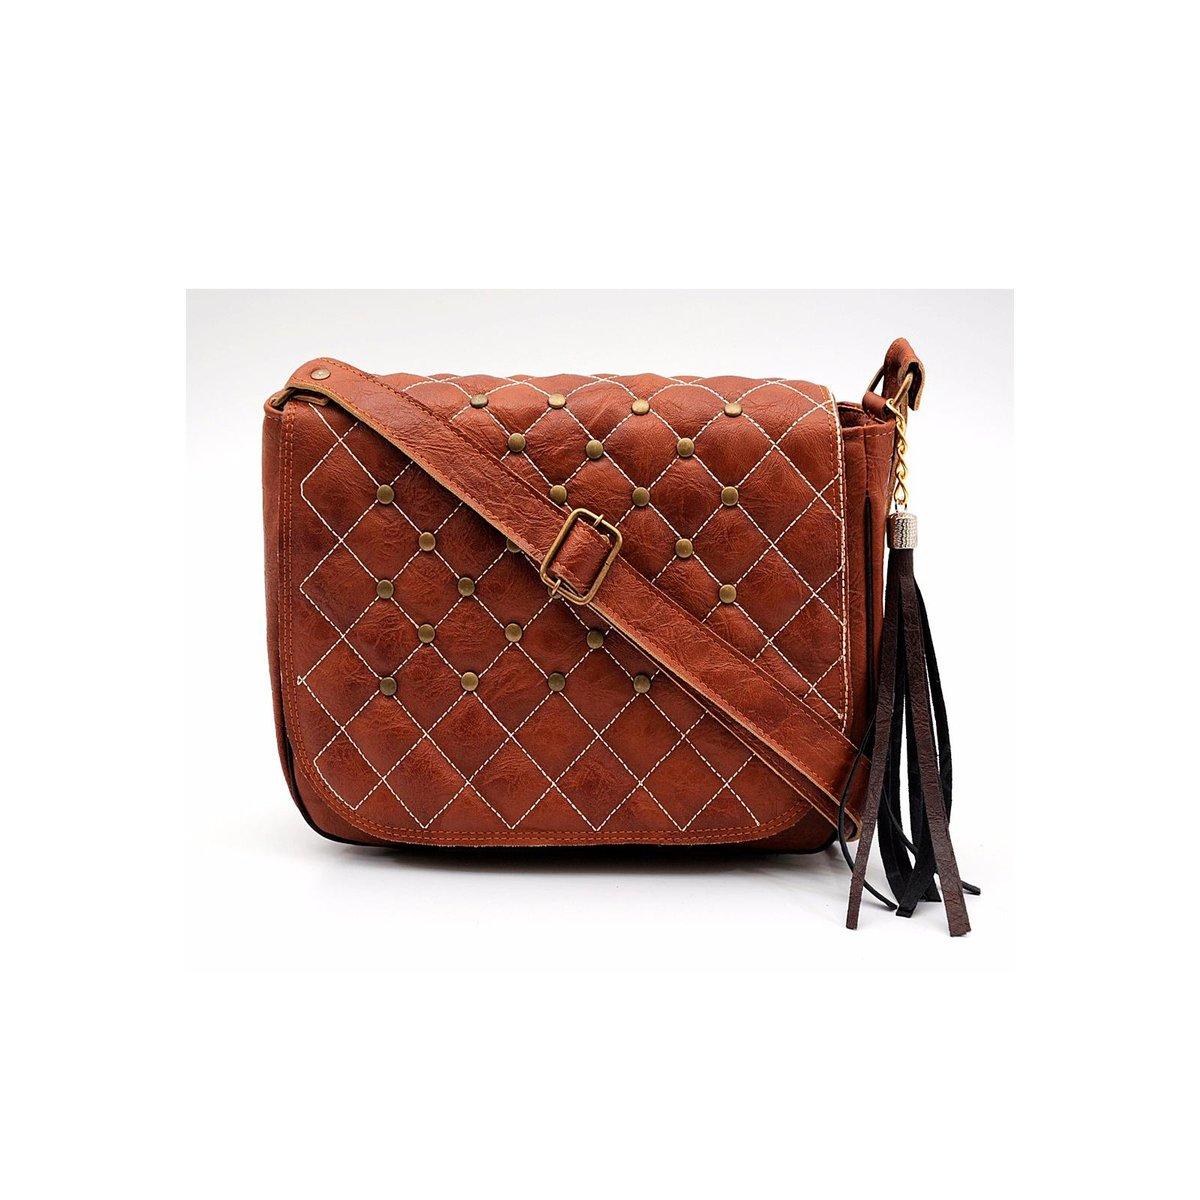 23525e240 Bolsa Transversal Matelassê com Franja Feminina - Compre Agora | Netshoes